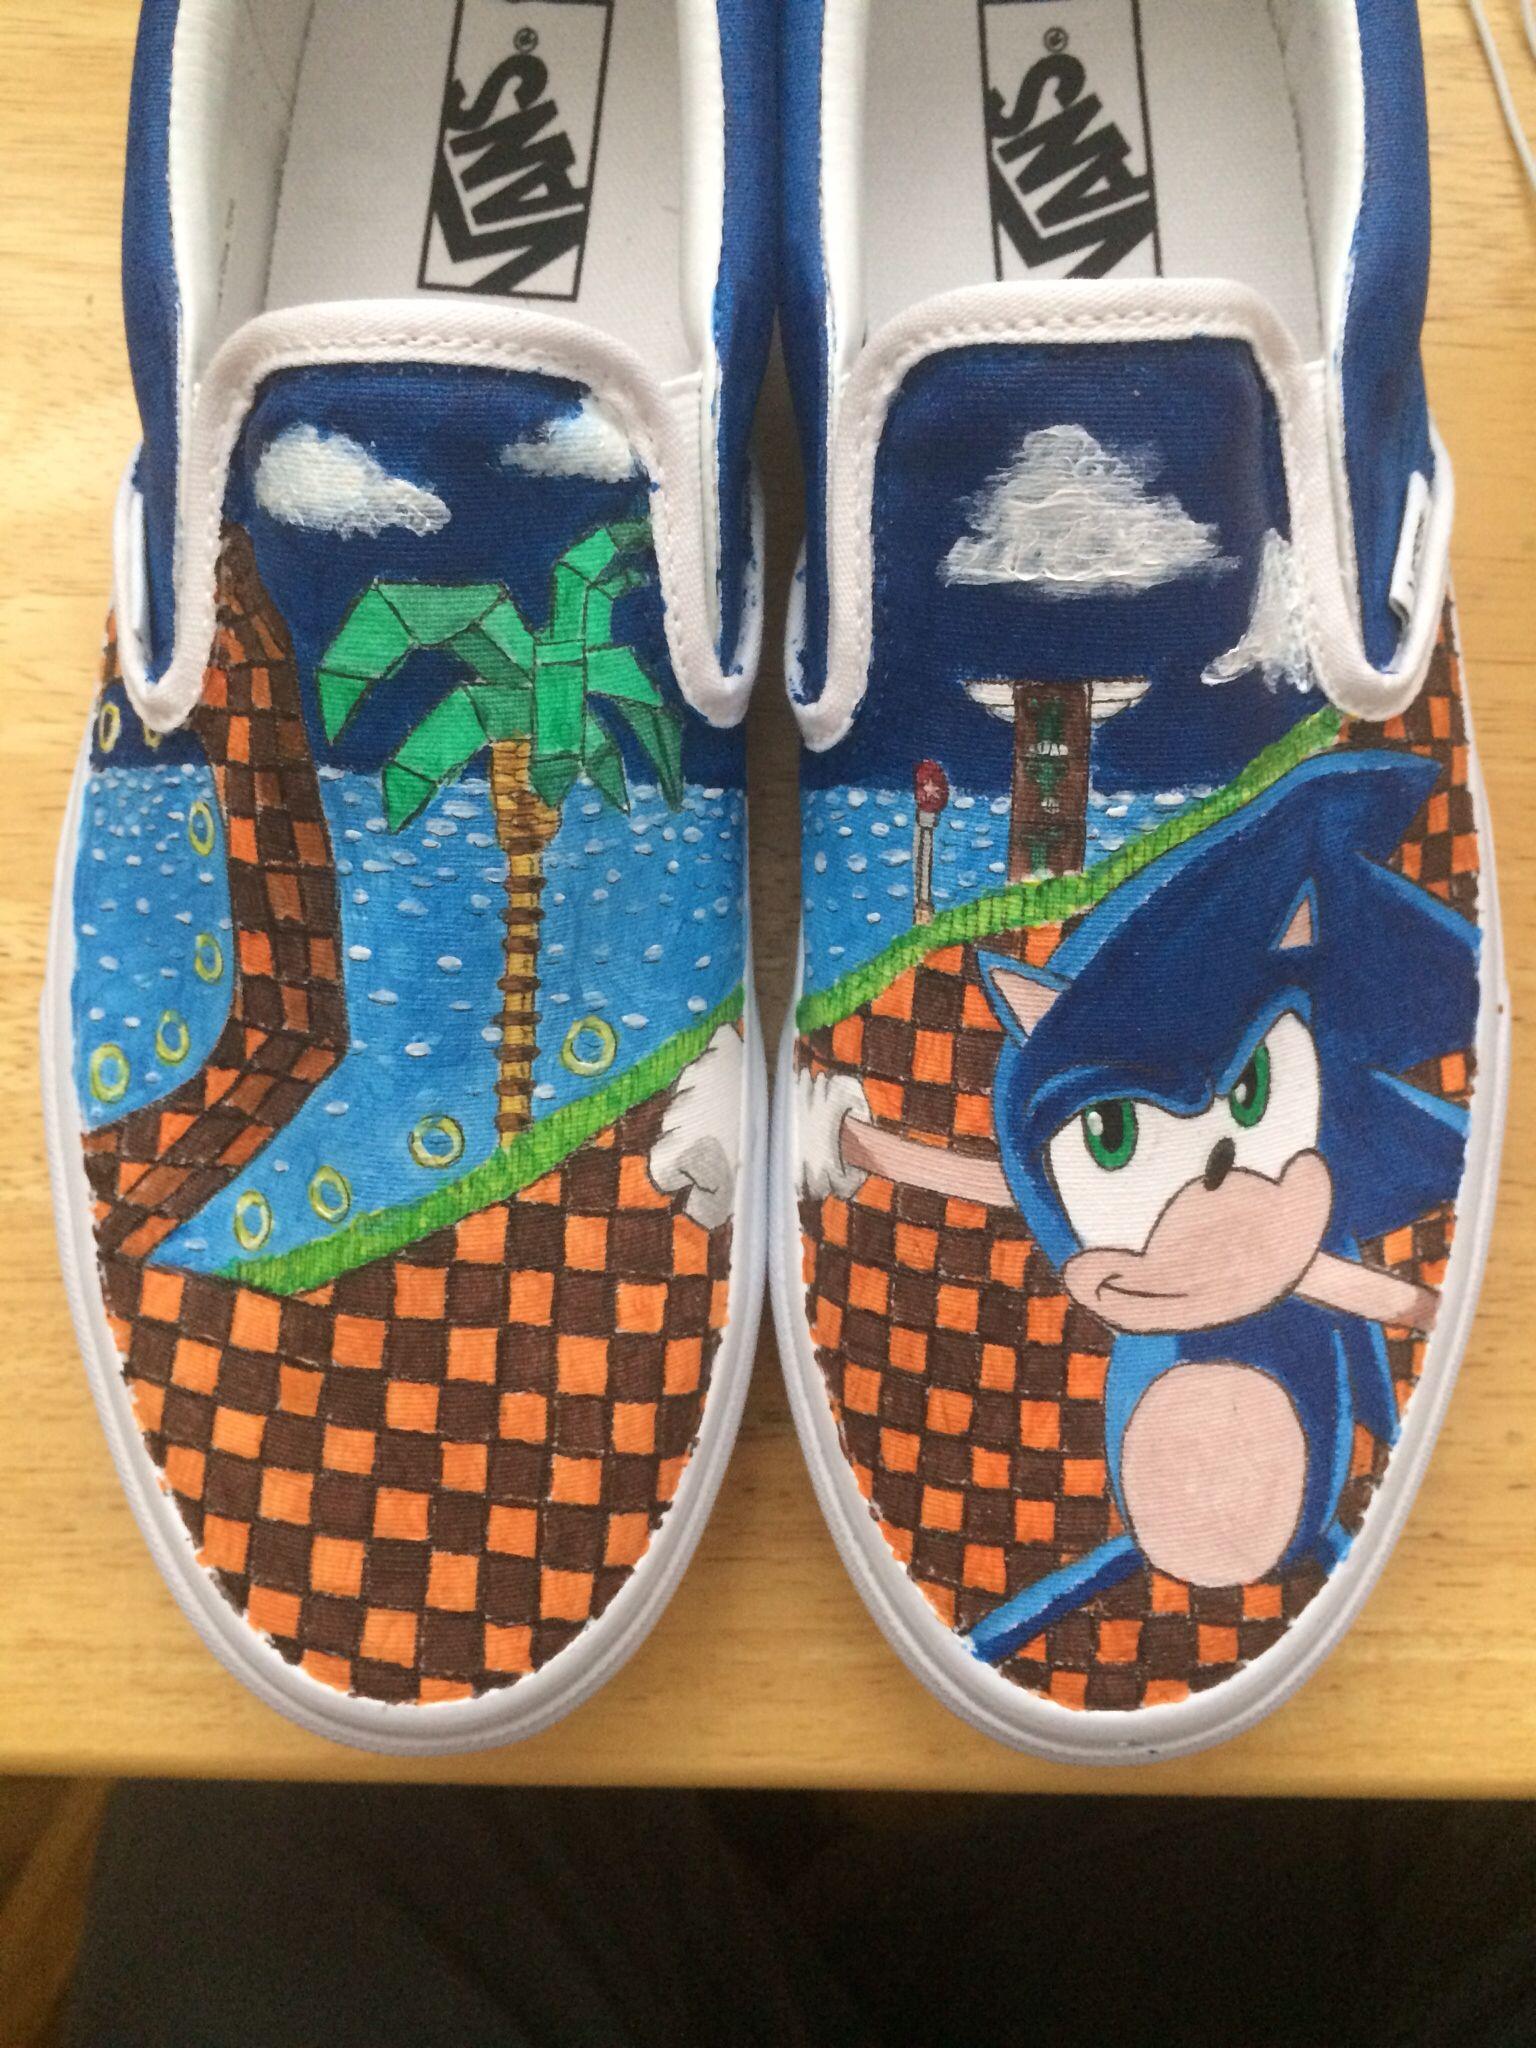 Sonic The Hedgehog Custom Painted On Vans Done By Me Custom Painted Shoes Painted Shoes Vans Classic Slip On Sneaker